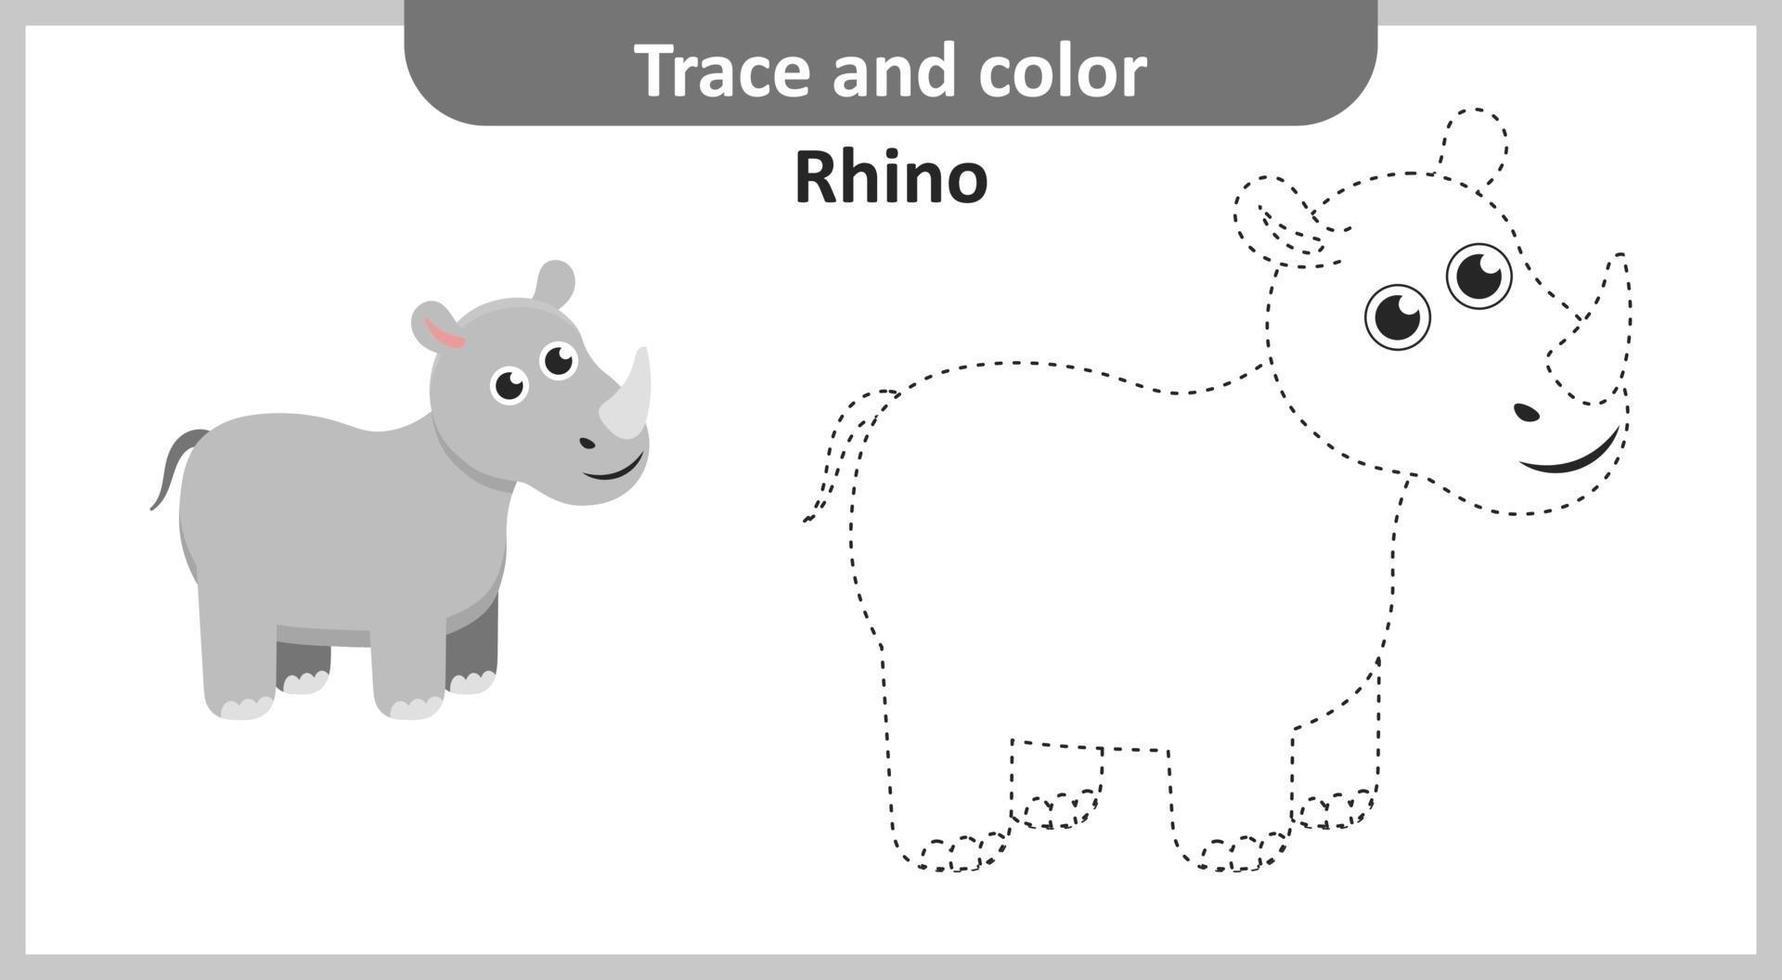 traçar e colorir o rinoceronte vetor